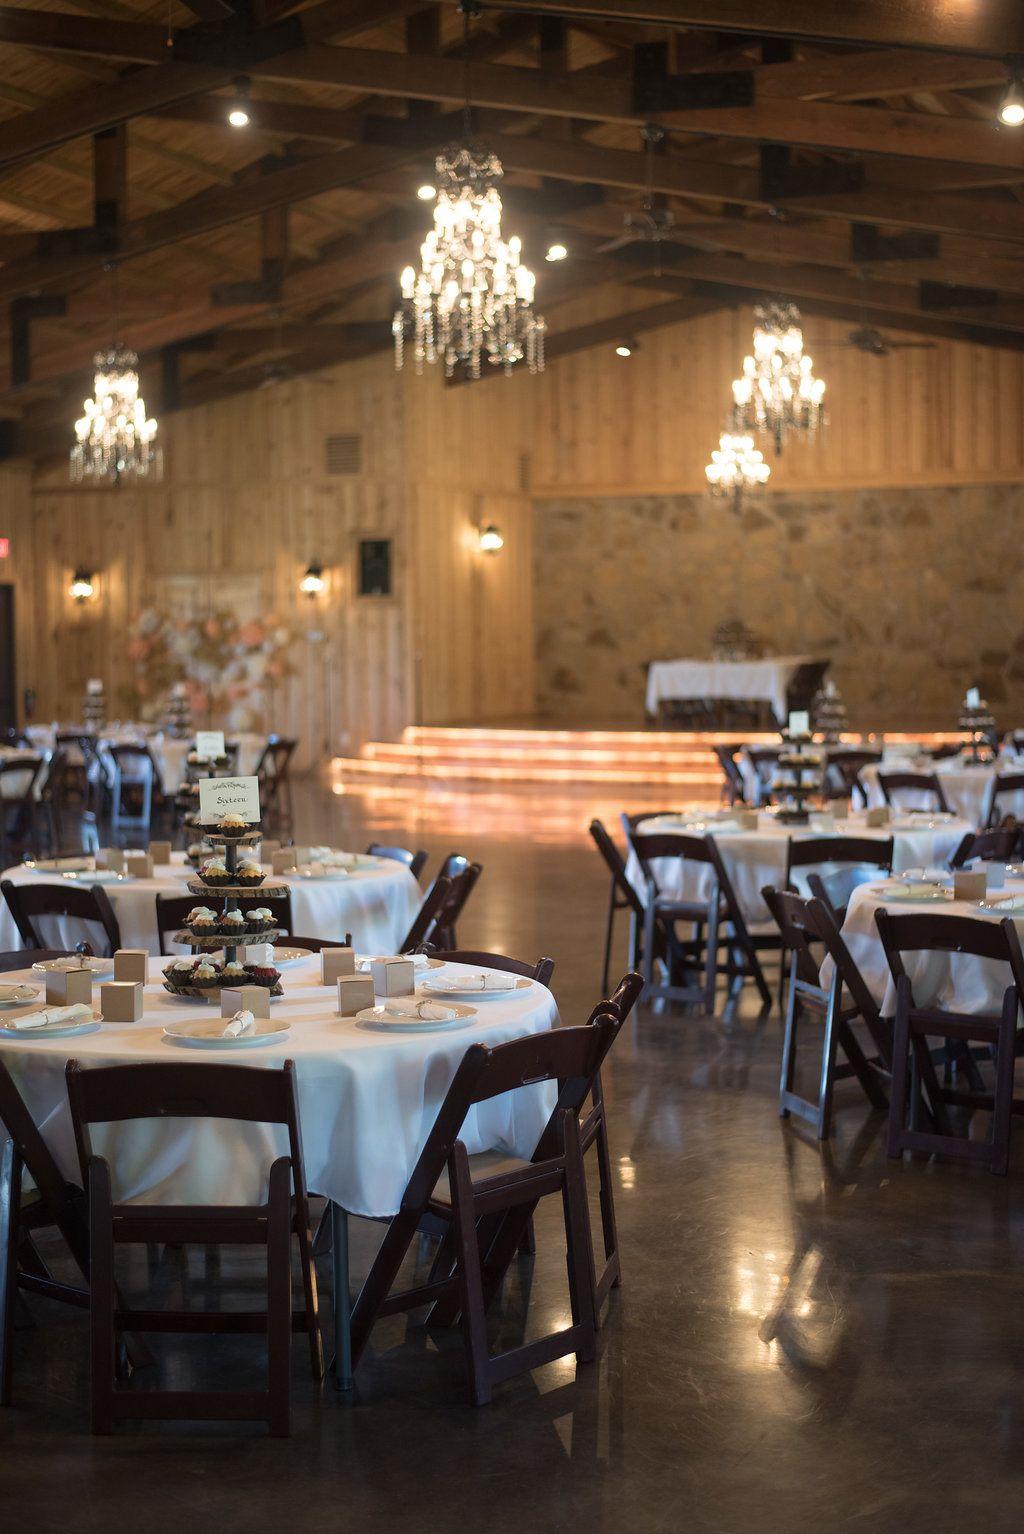 Modern Rustic Wedding Reception Rustic Elegant Wedding Reception